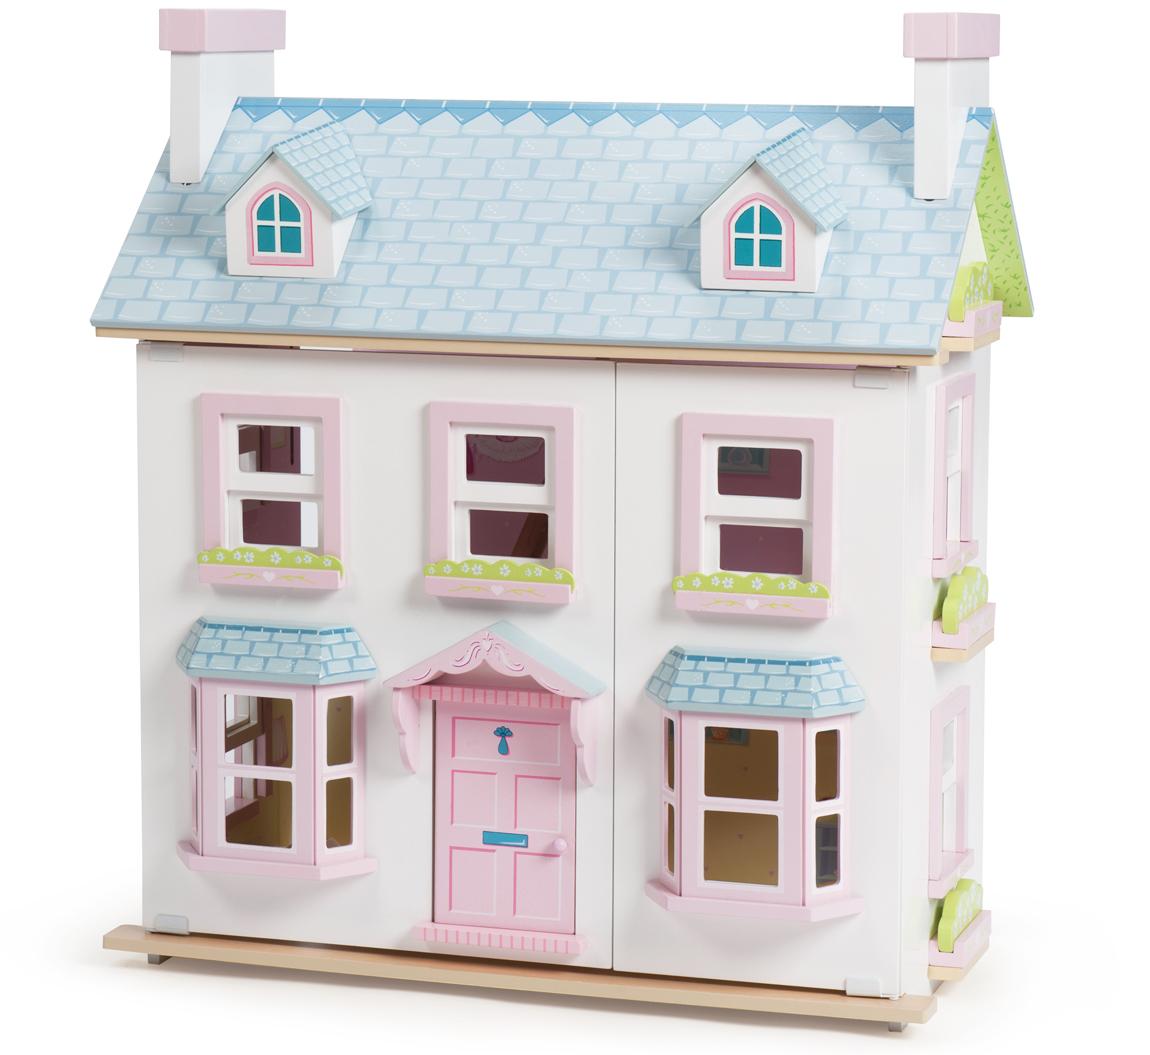 zauberhaft - le-toy-van-puppenhaus